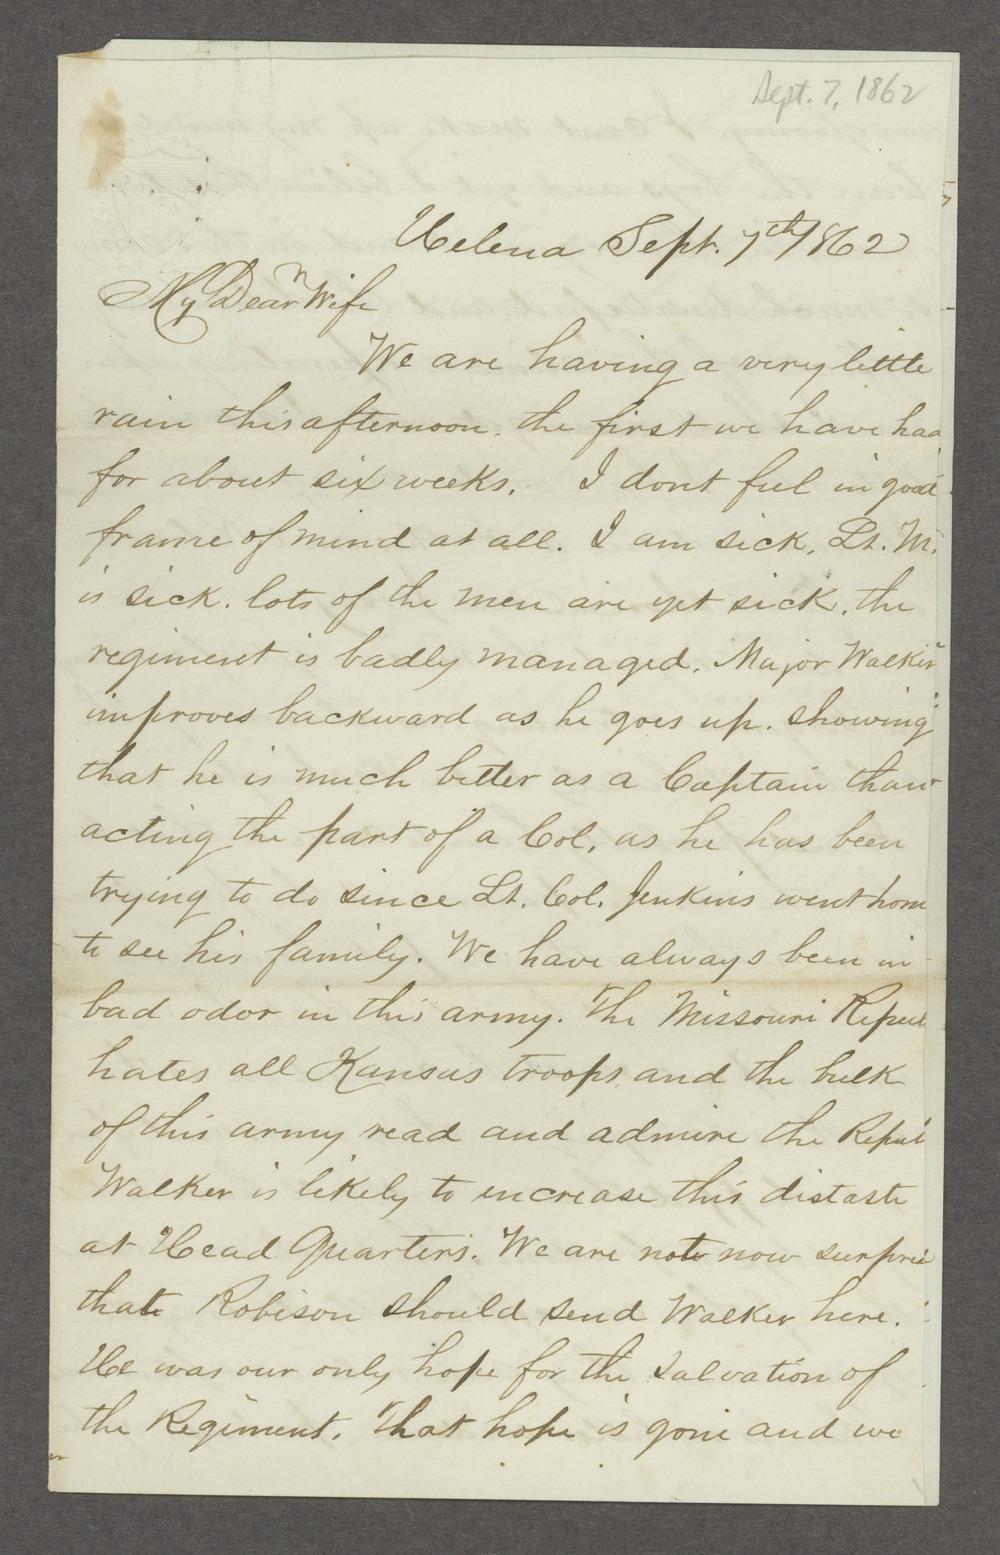 Joseph H. Trego correspondence - 7